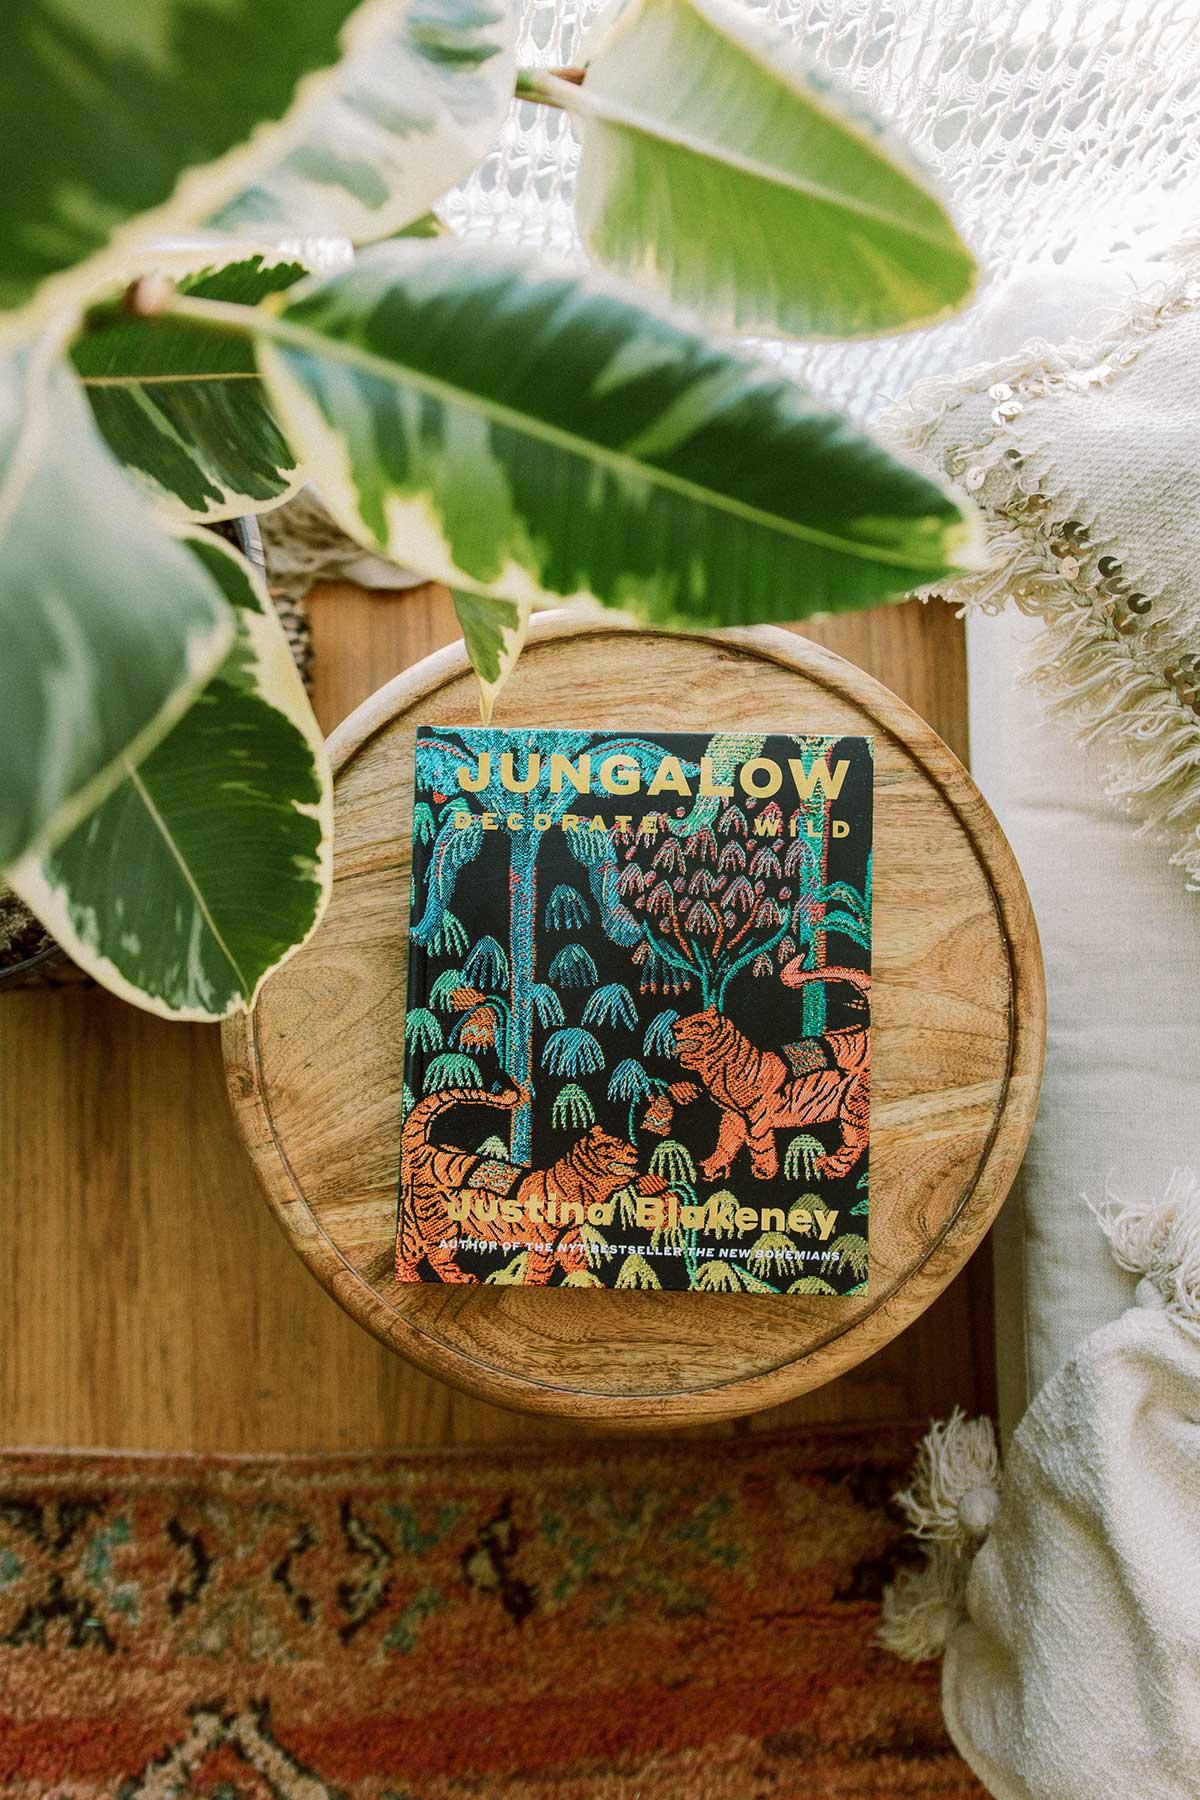 Jungalow Decorate Wild 4